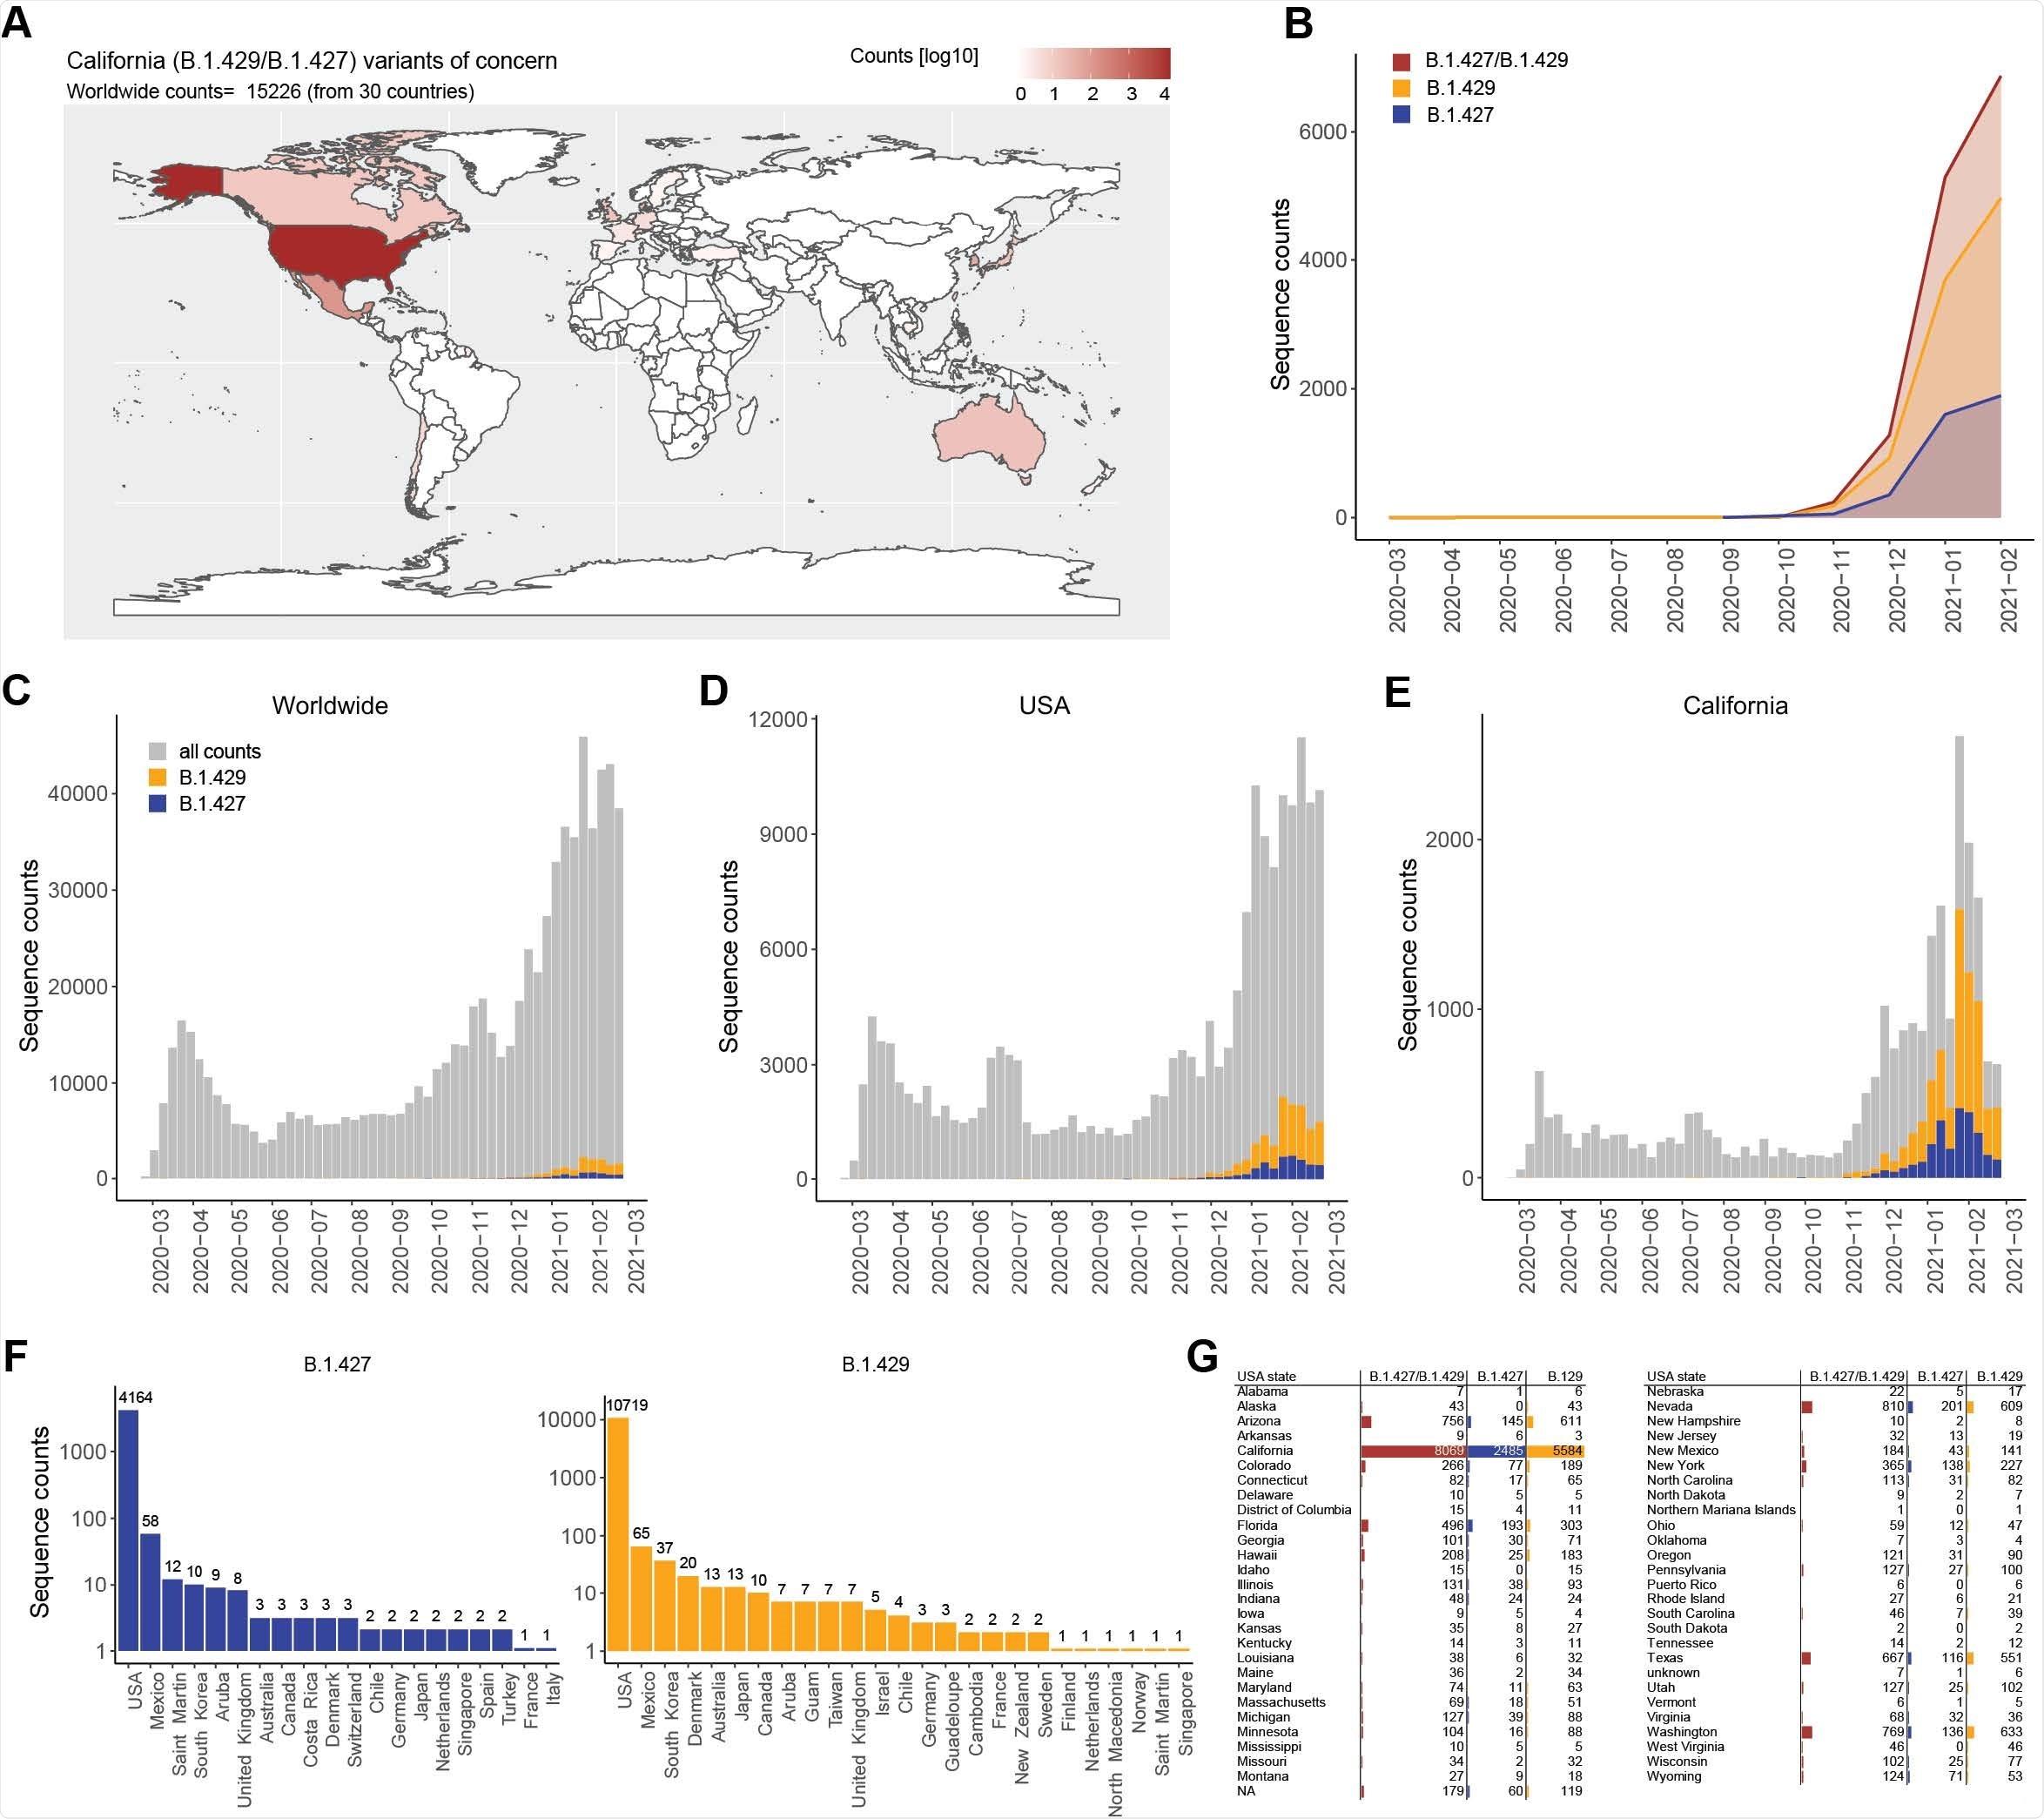 Distribución geográfica y evolución de la prevalencia en el tiempo del COV SARS-CoV-2 B.1.427 / B.1.429.  (A) Mapa mundial que muestra la distribución geográfica y los recuentos de secuencias de COV B.1.427 / B.1.429 al 26 de marzo de 2021. (B) Recuentos de secuencia de COV acumulativos e individuales B.1.427 / B.1.429 por mes.  (CE).  Número total de secuencias de SARS-CoV-2 (gris) y VOC B.1.427 / B.1.429 (azul / naranja) depositadas mensualmente en todo el mundo (C), en los EE. UU. (D) y en California (E).  (F y G) Número total de secuencias B.1.427 y B.1.429 depositadas por país (F) y por estados de EE. UU. (G) al 26 de marzo de 2021.